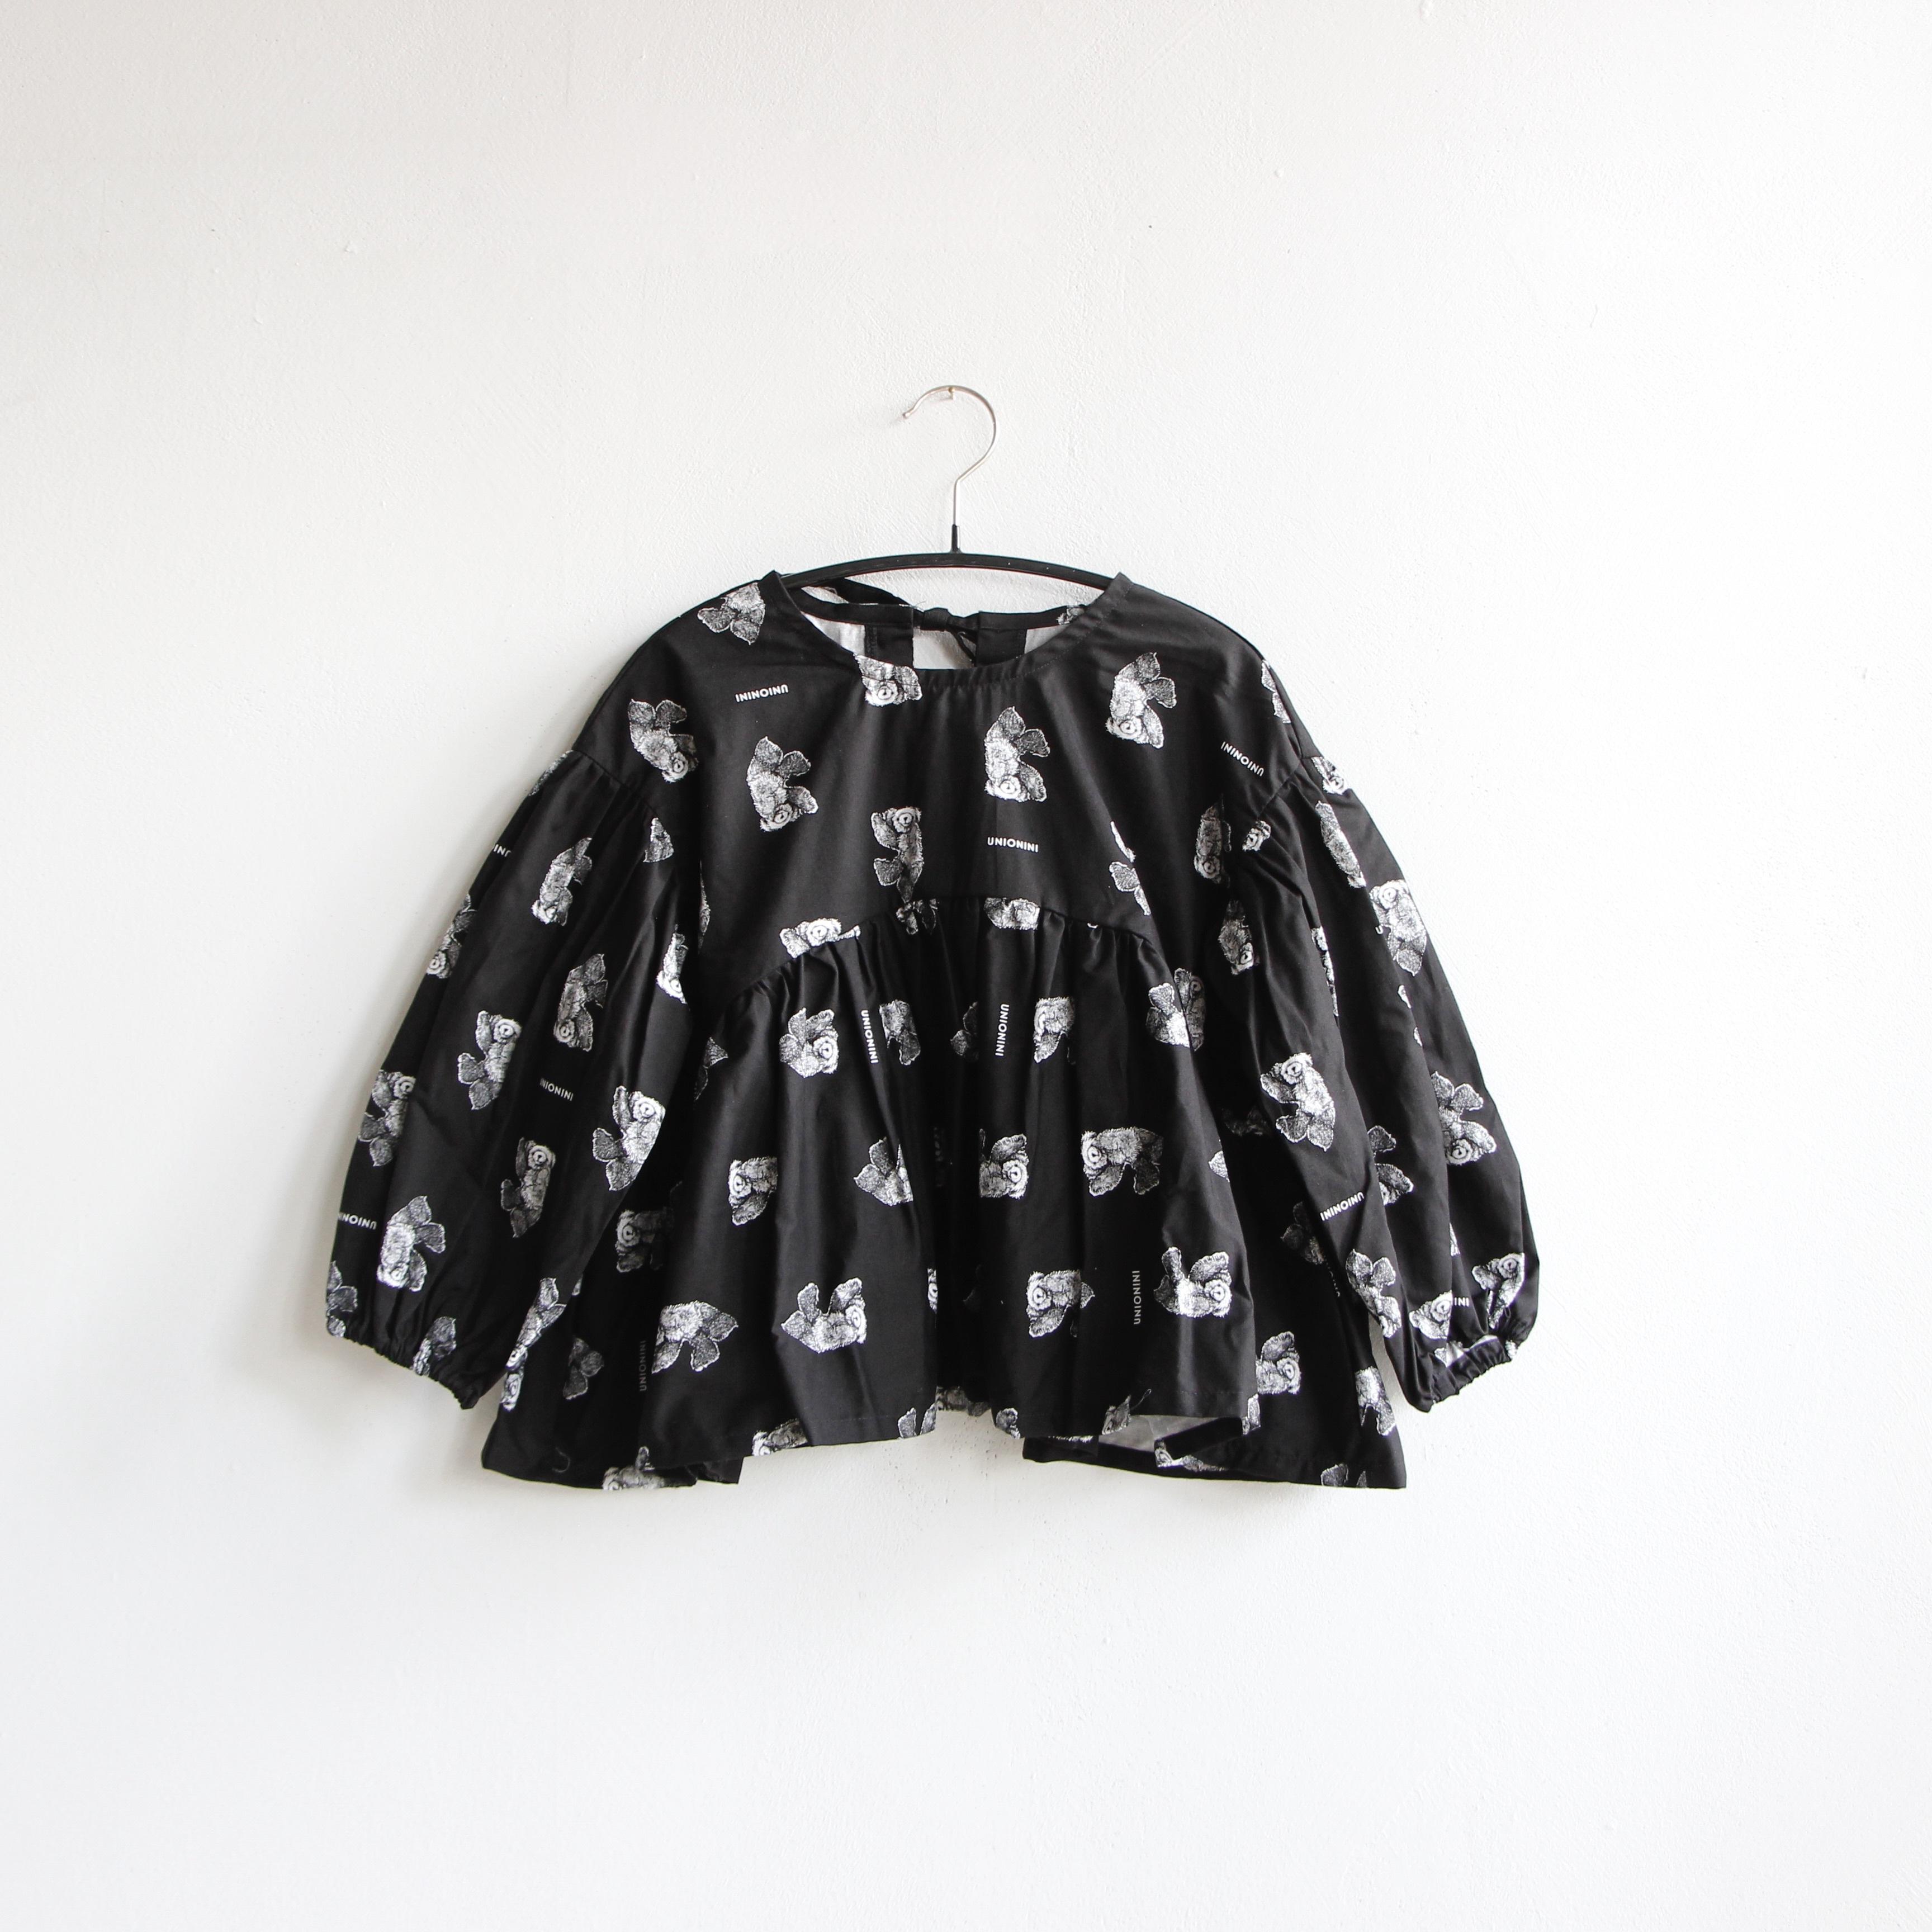 《UNIONINI 2020AW》teddybear blouse / black / 2-12Y